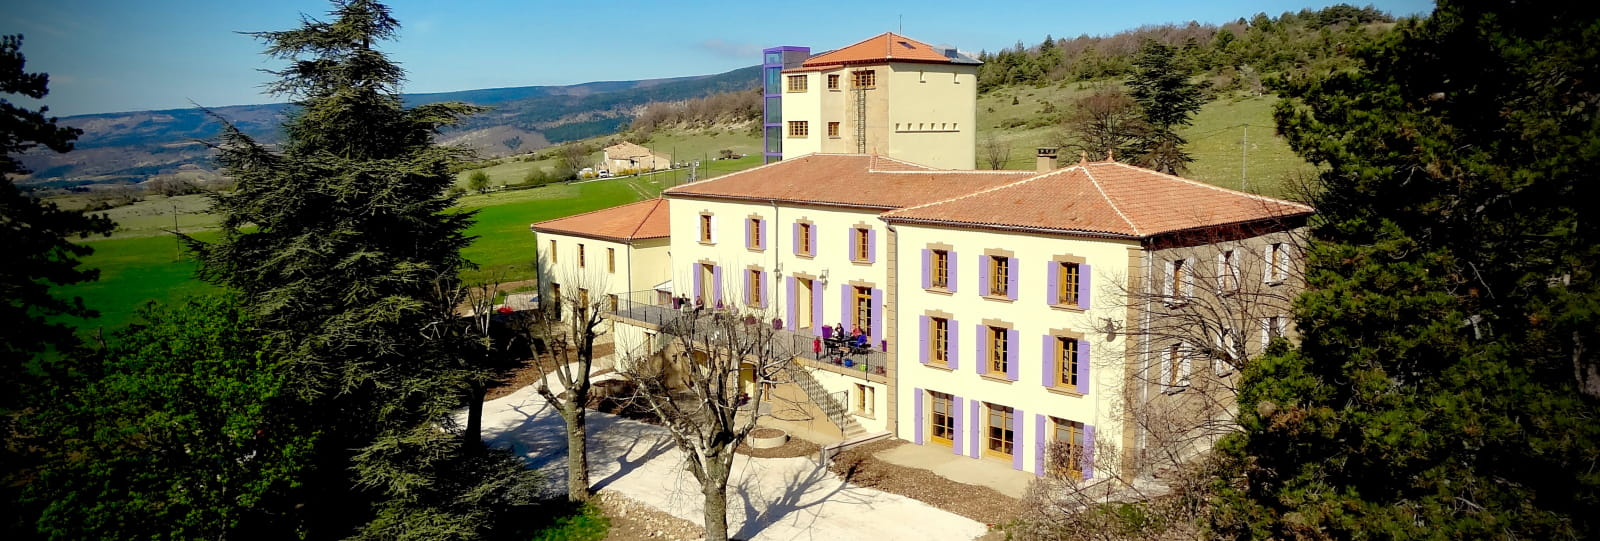 Château Ferrassières